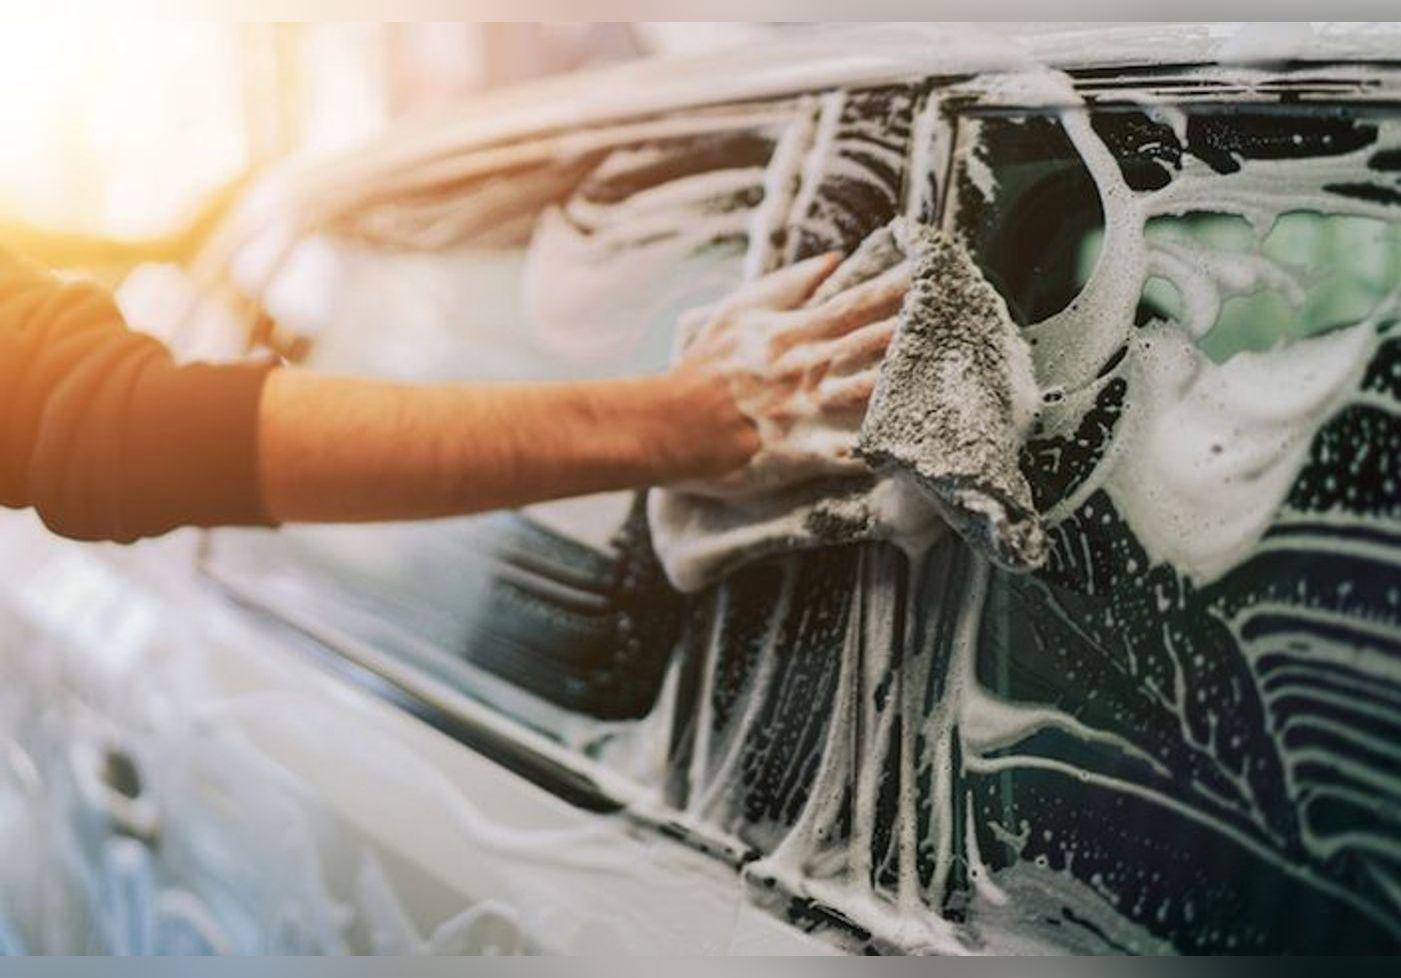 Laver sa voiture chez soi est strictement interdit par la loi !